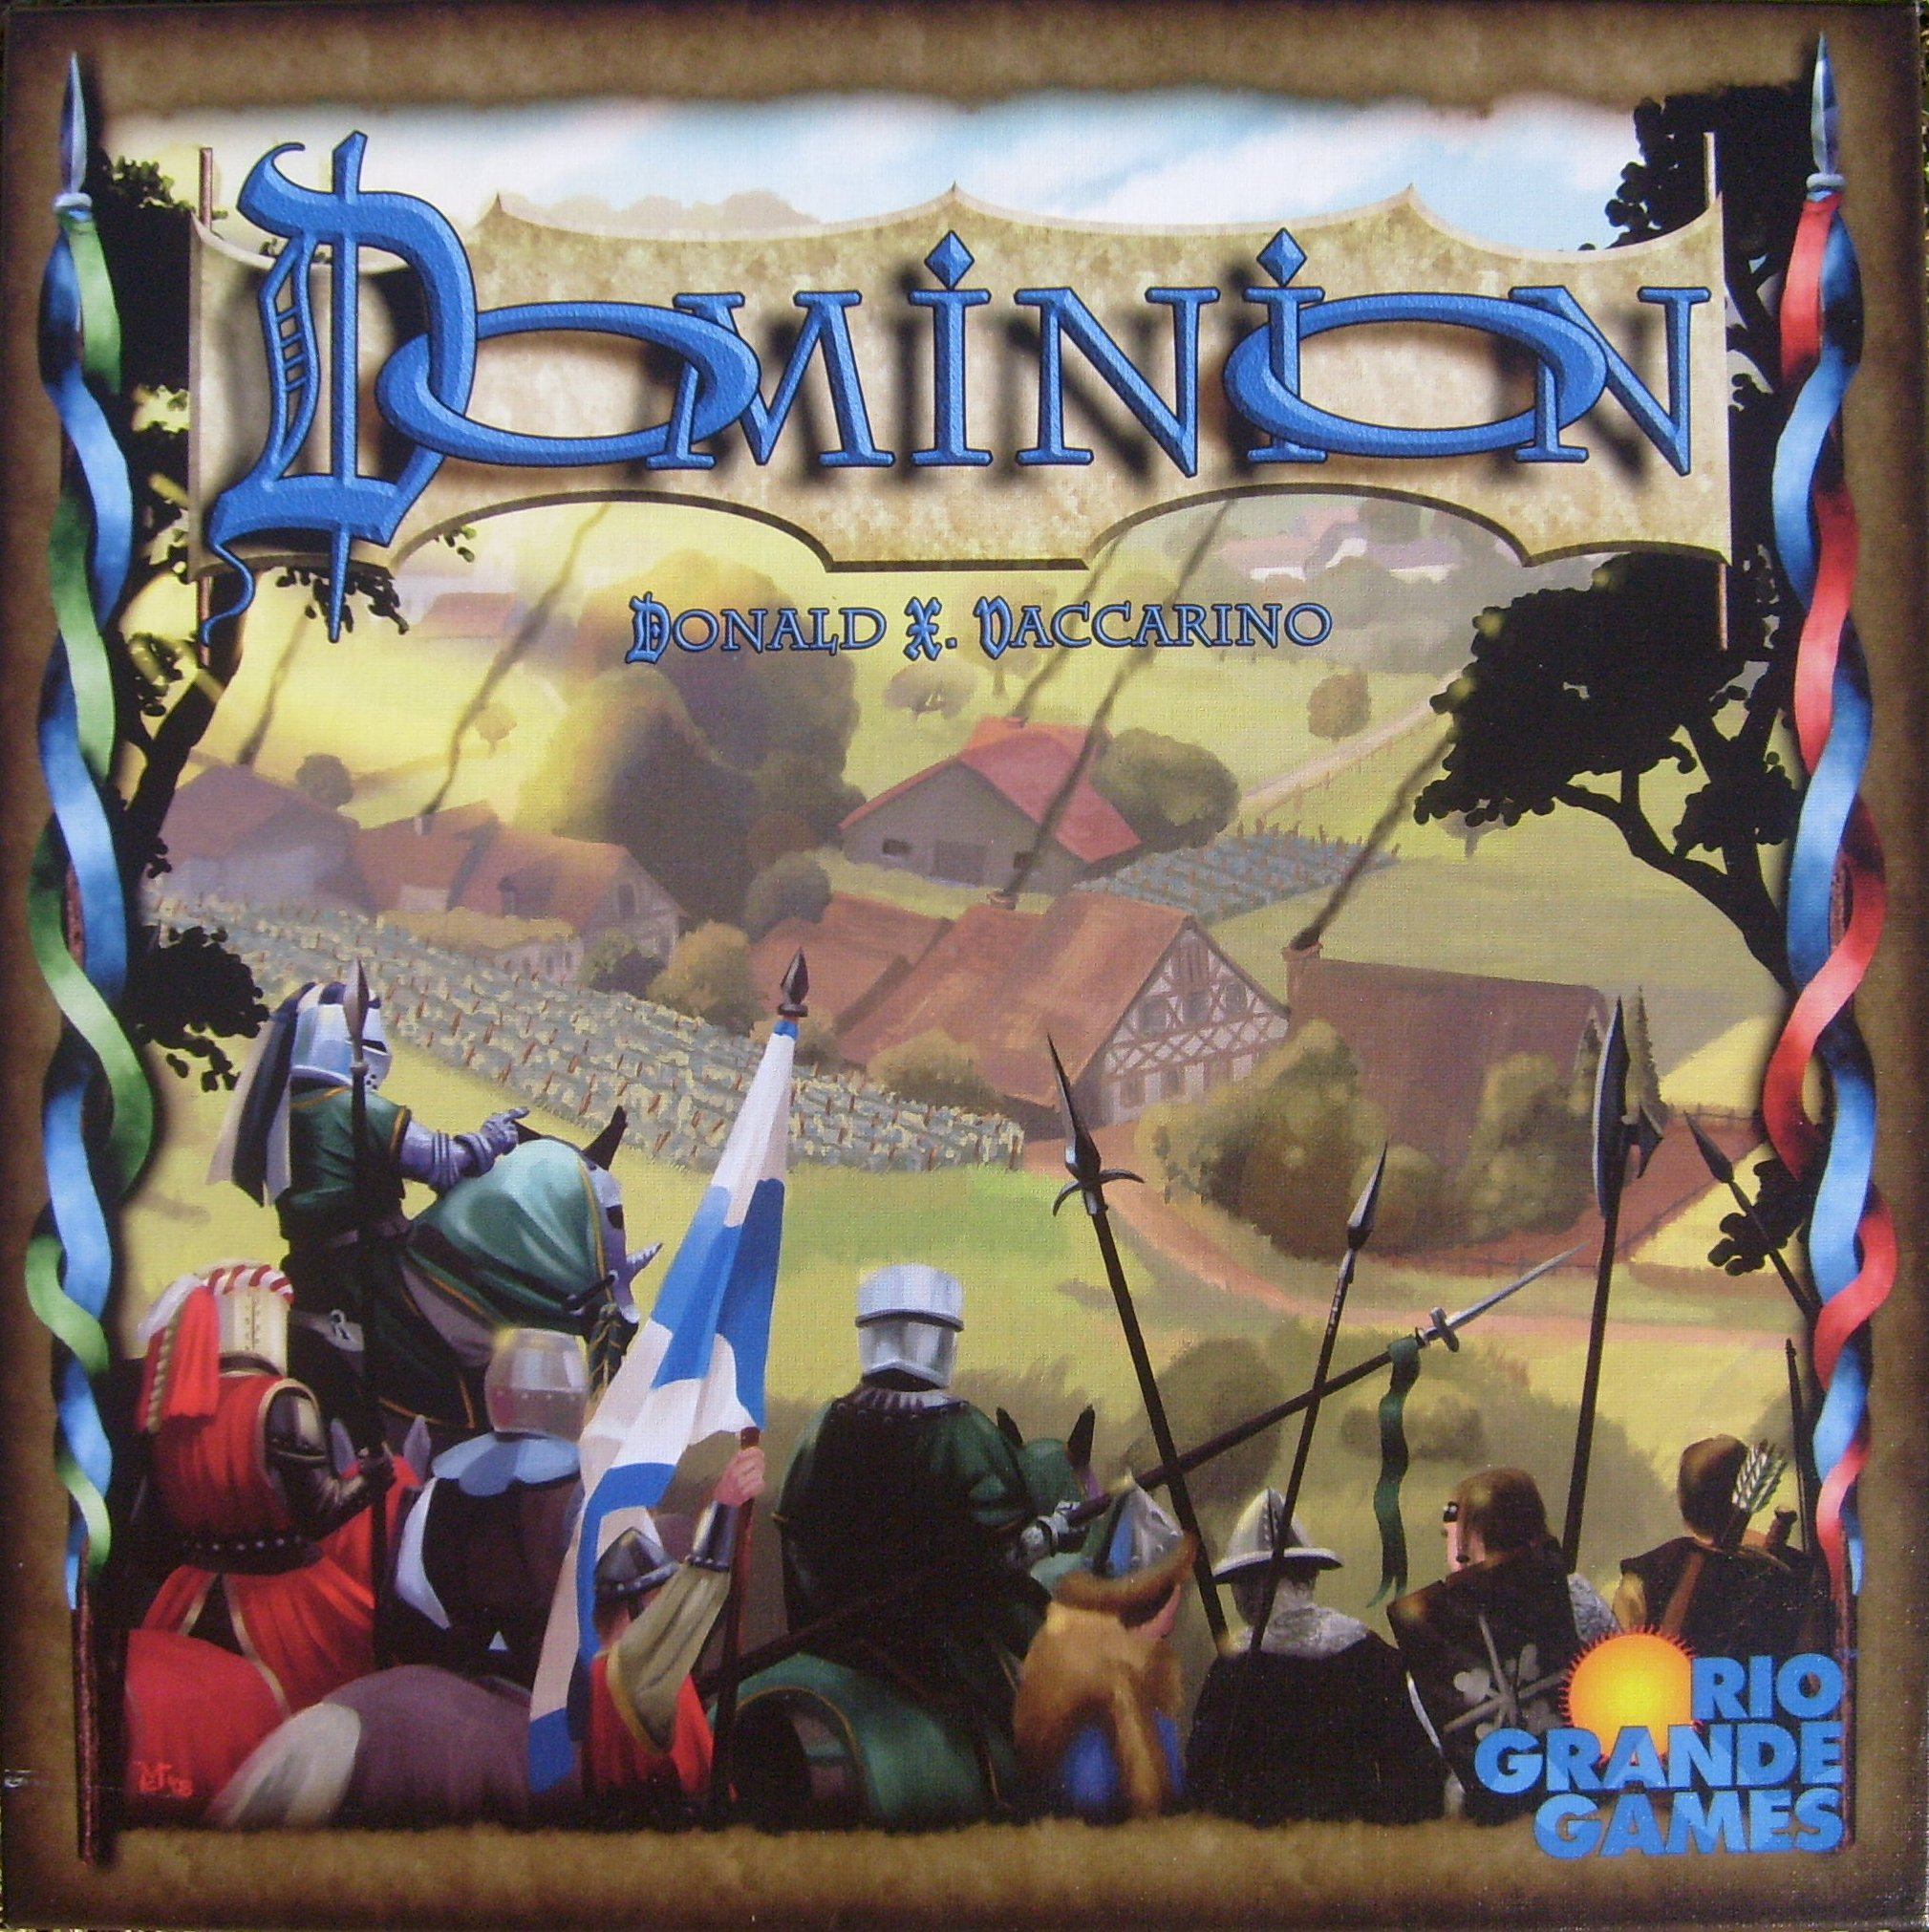 Dominion Image